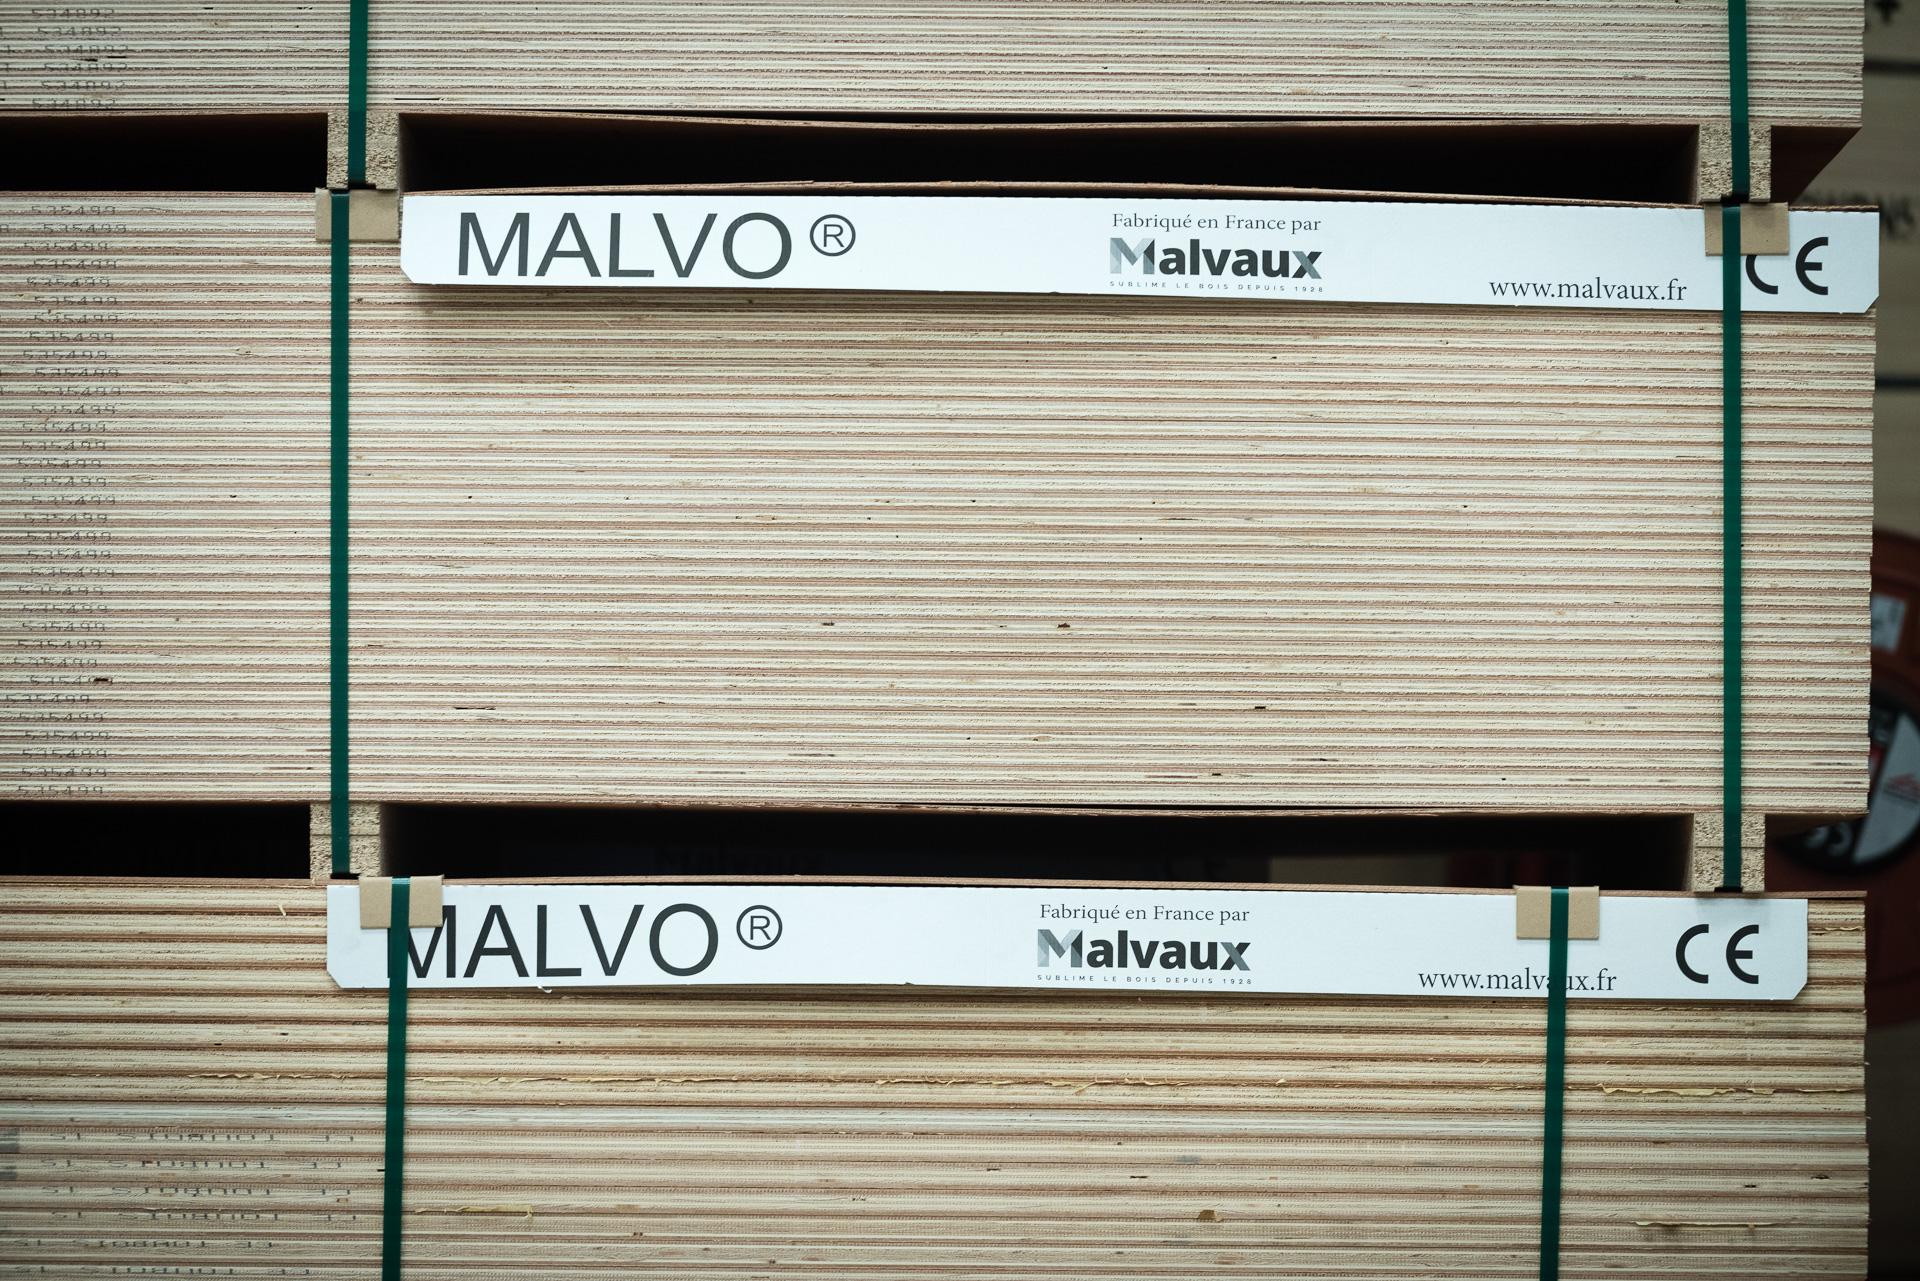 MALVAUX_234_1920px